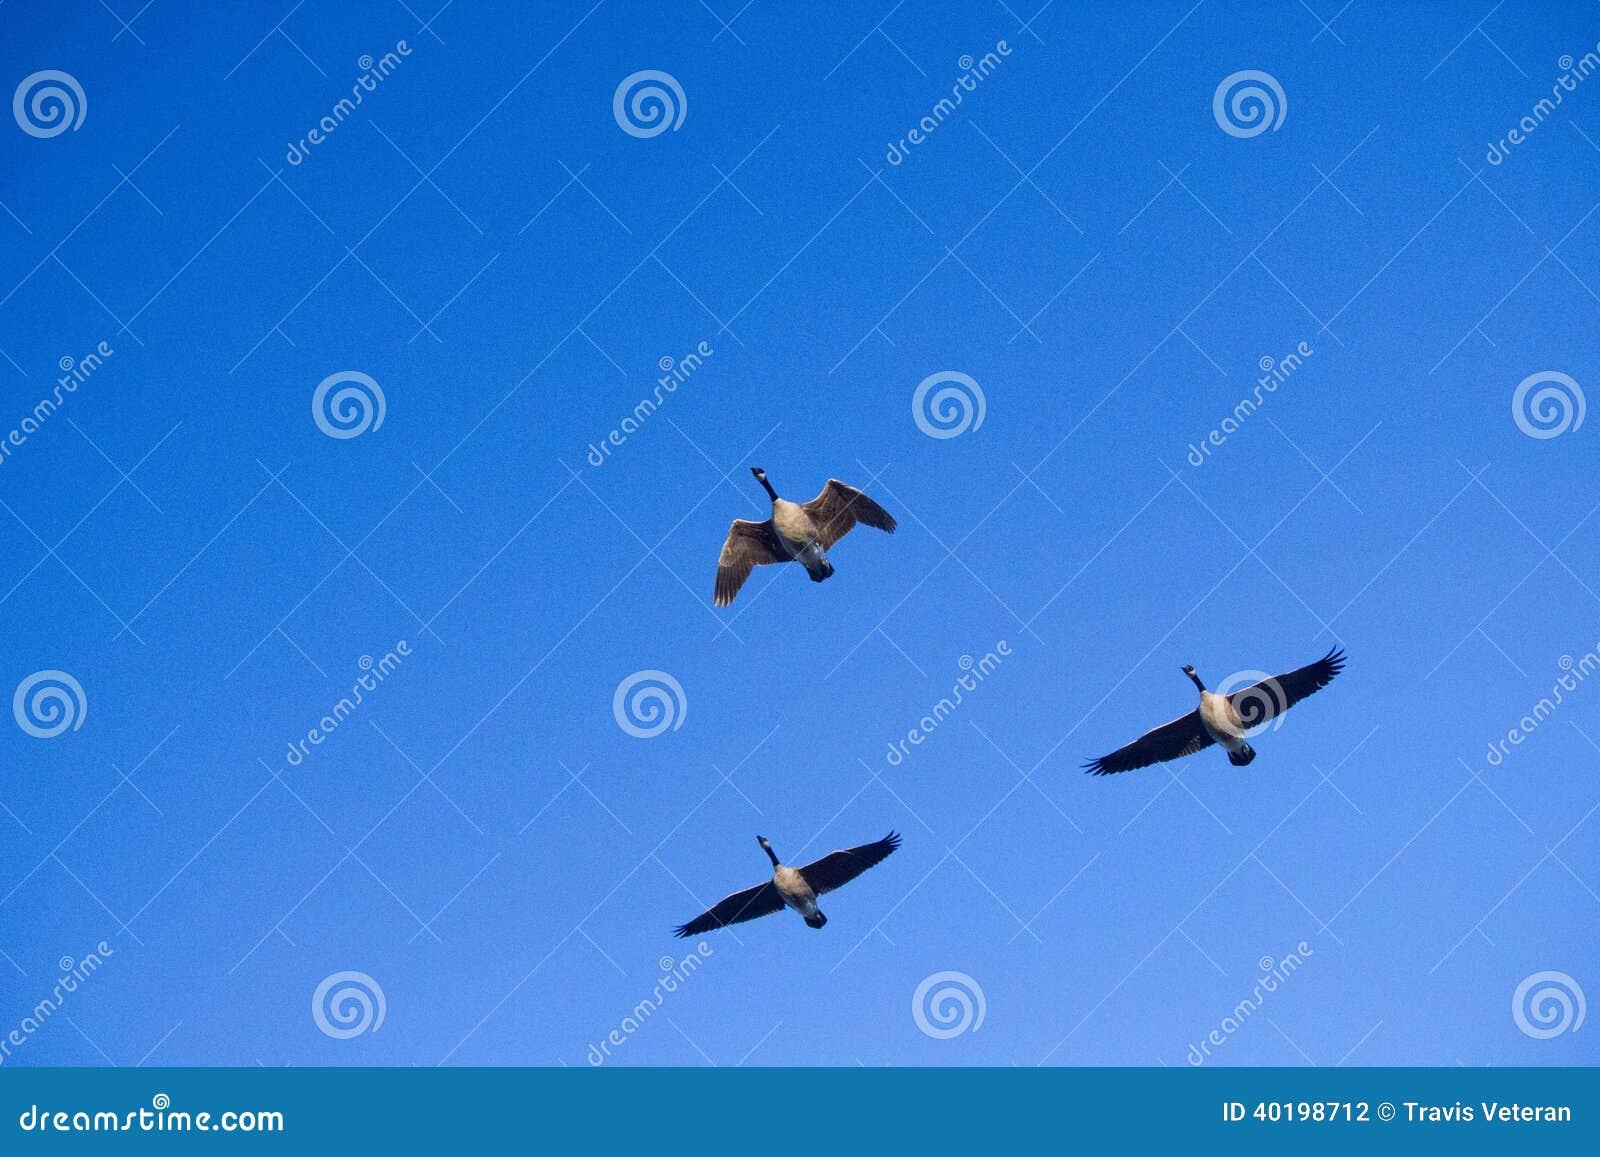 Three Canadian Honkers Geese